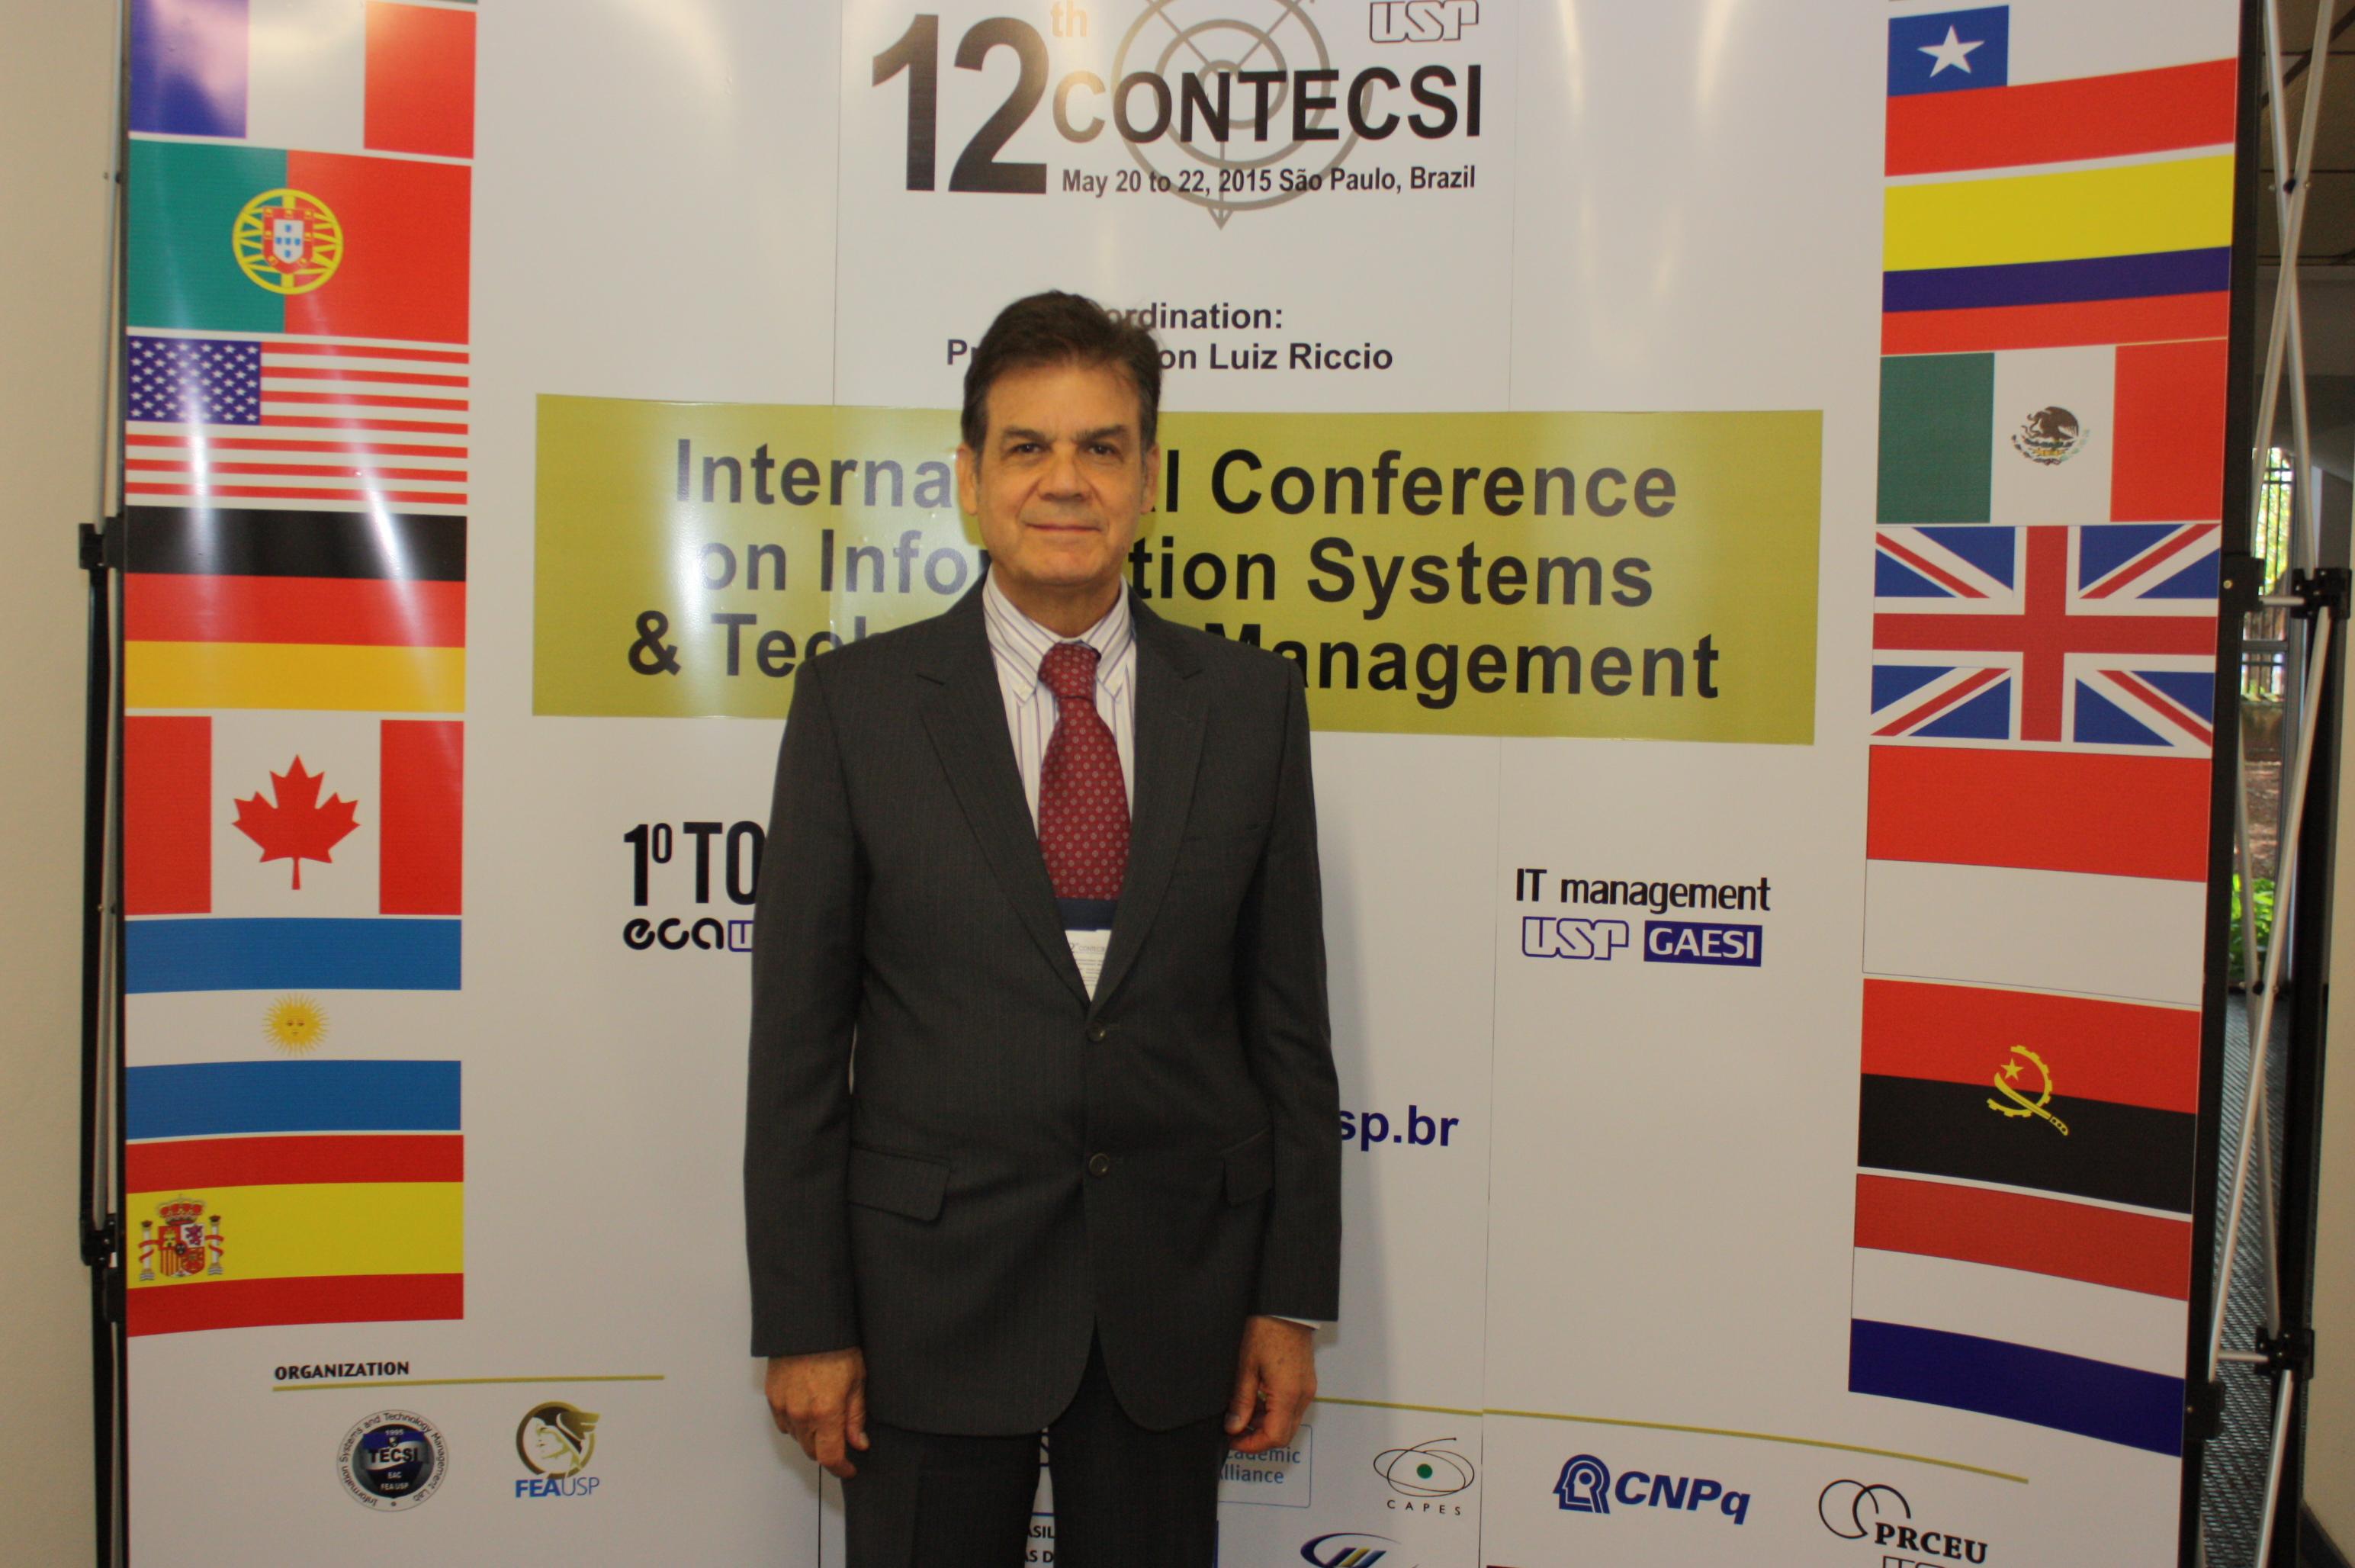 Edson Luiz Riccio em frente ao banner do 12º CONTECSI